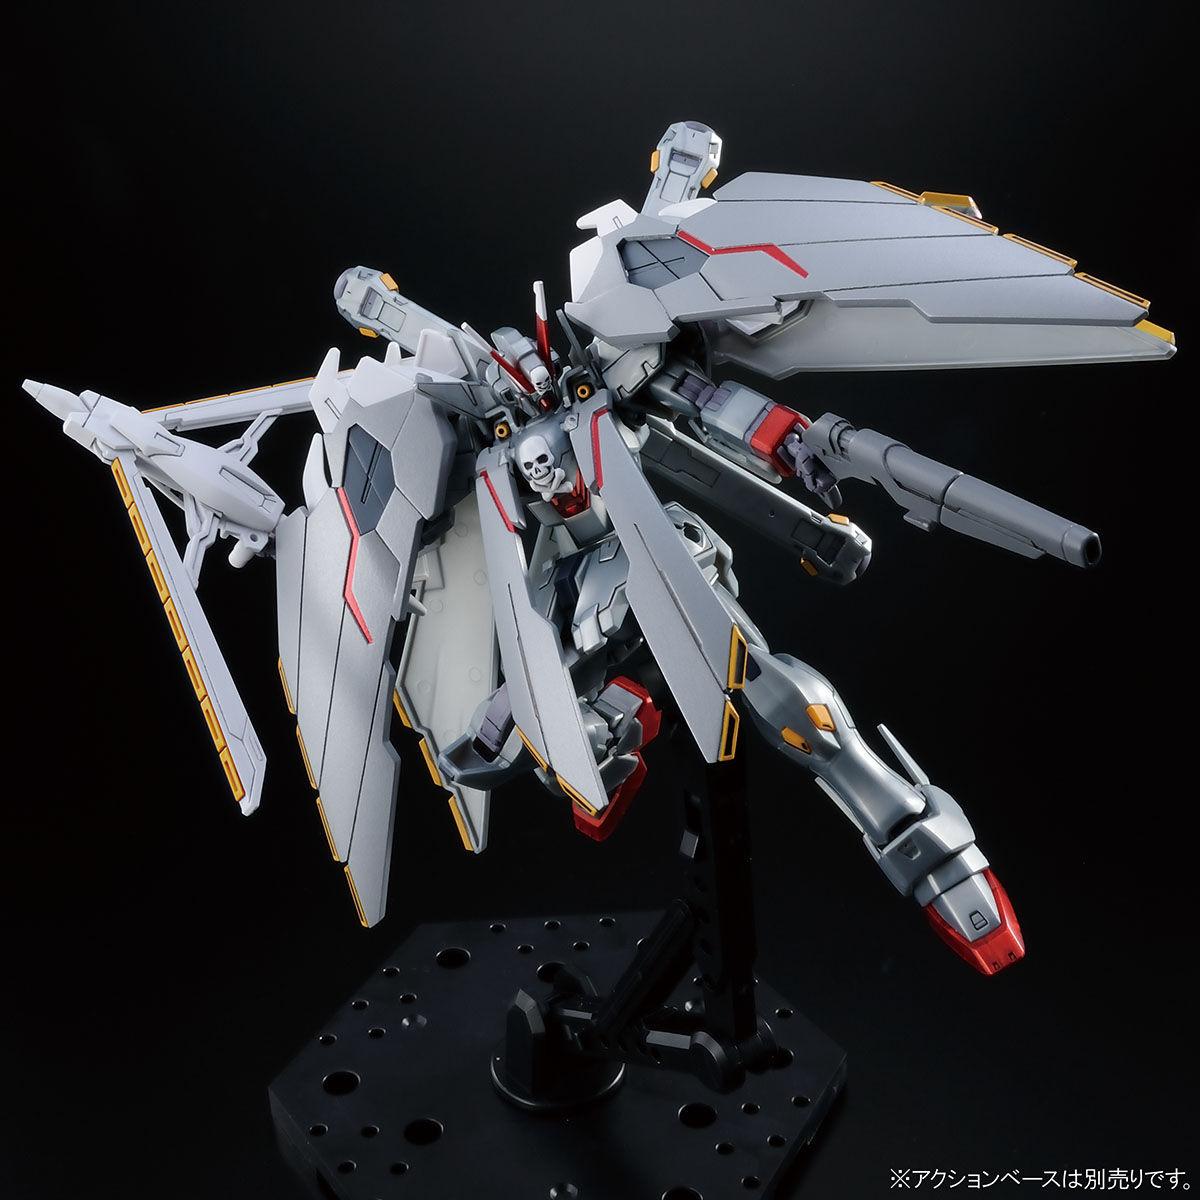 【限定販売】HG 1/144『クロスボーン・ガンダムX-0フルクロス』プラモデル-003